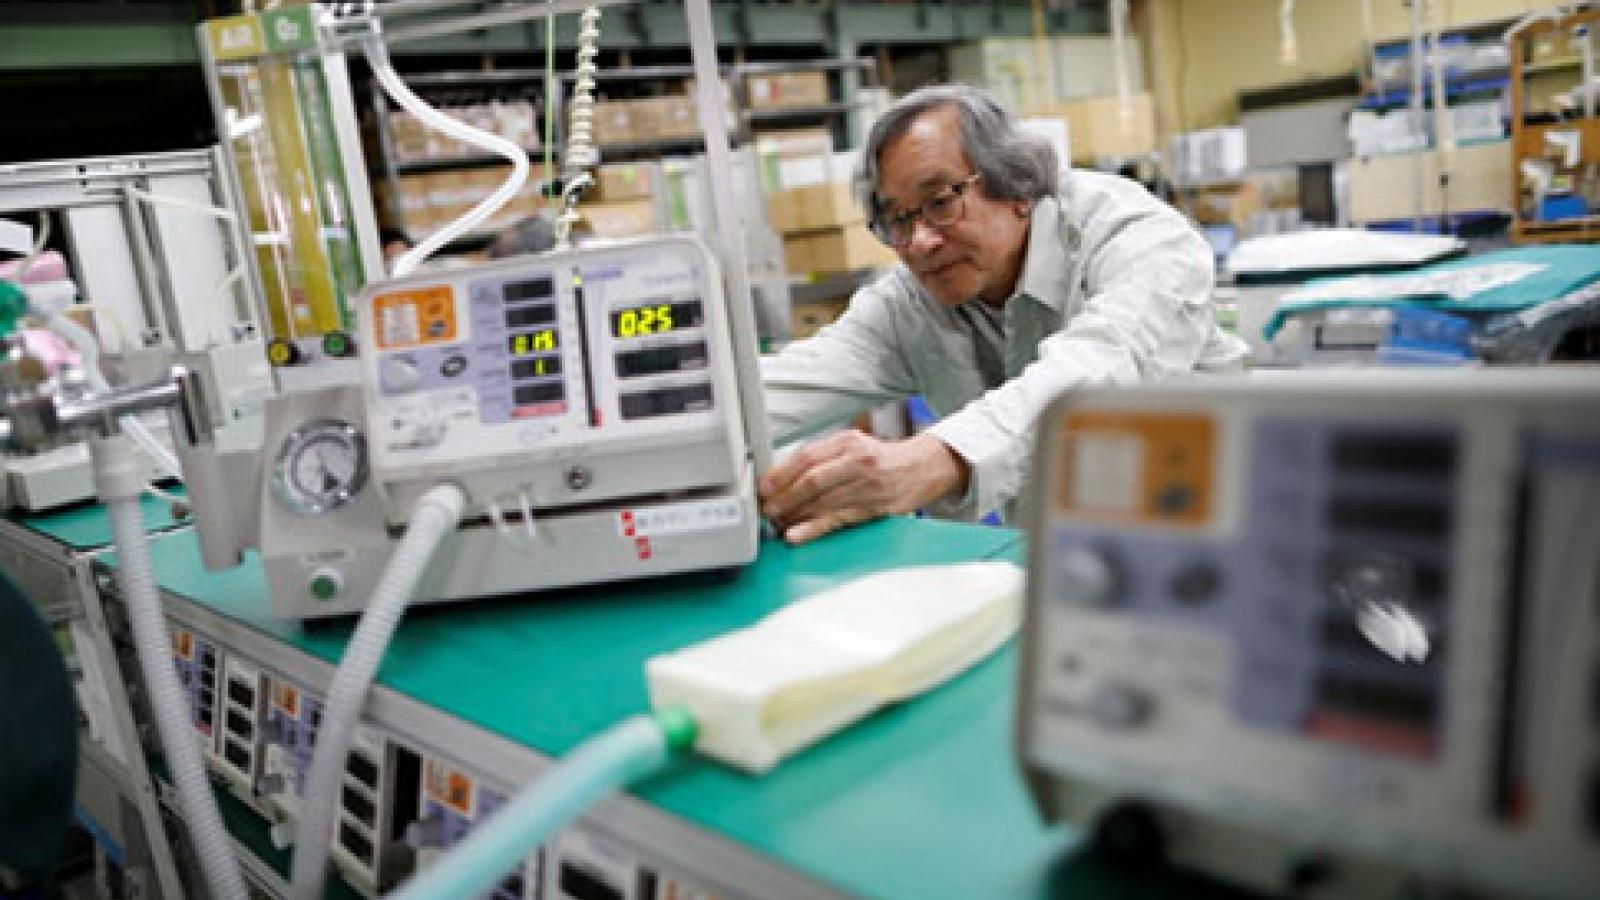 Máy thở cho bệnh nhân COVID-19 do Việt kiều Nhật chế tạo và những điều chưa kể